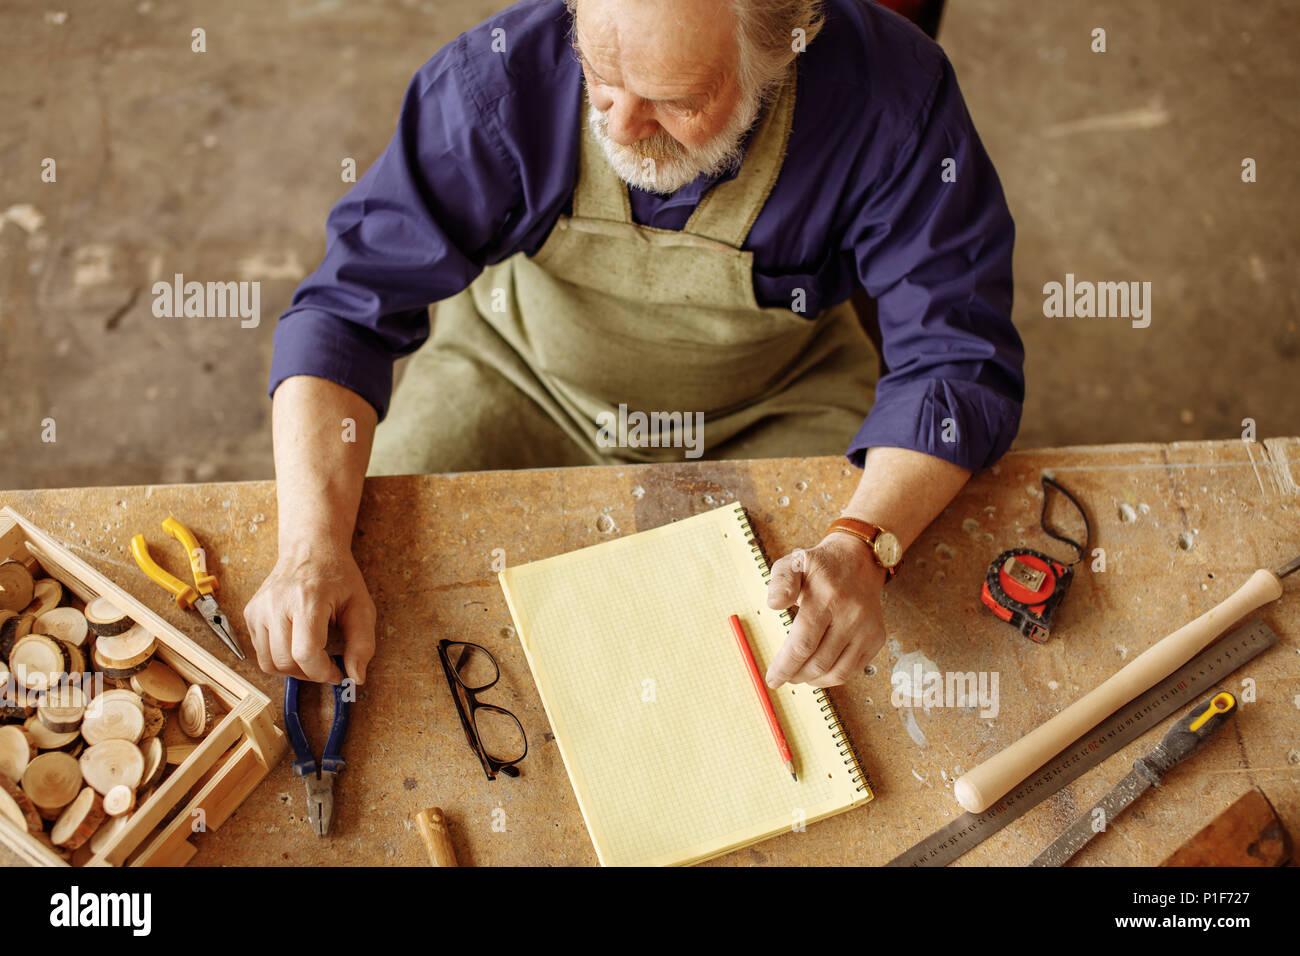 Senioren am Schreibtisch, die mit Instrumenten durcheinandergeworfen Sitzt Stockbild